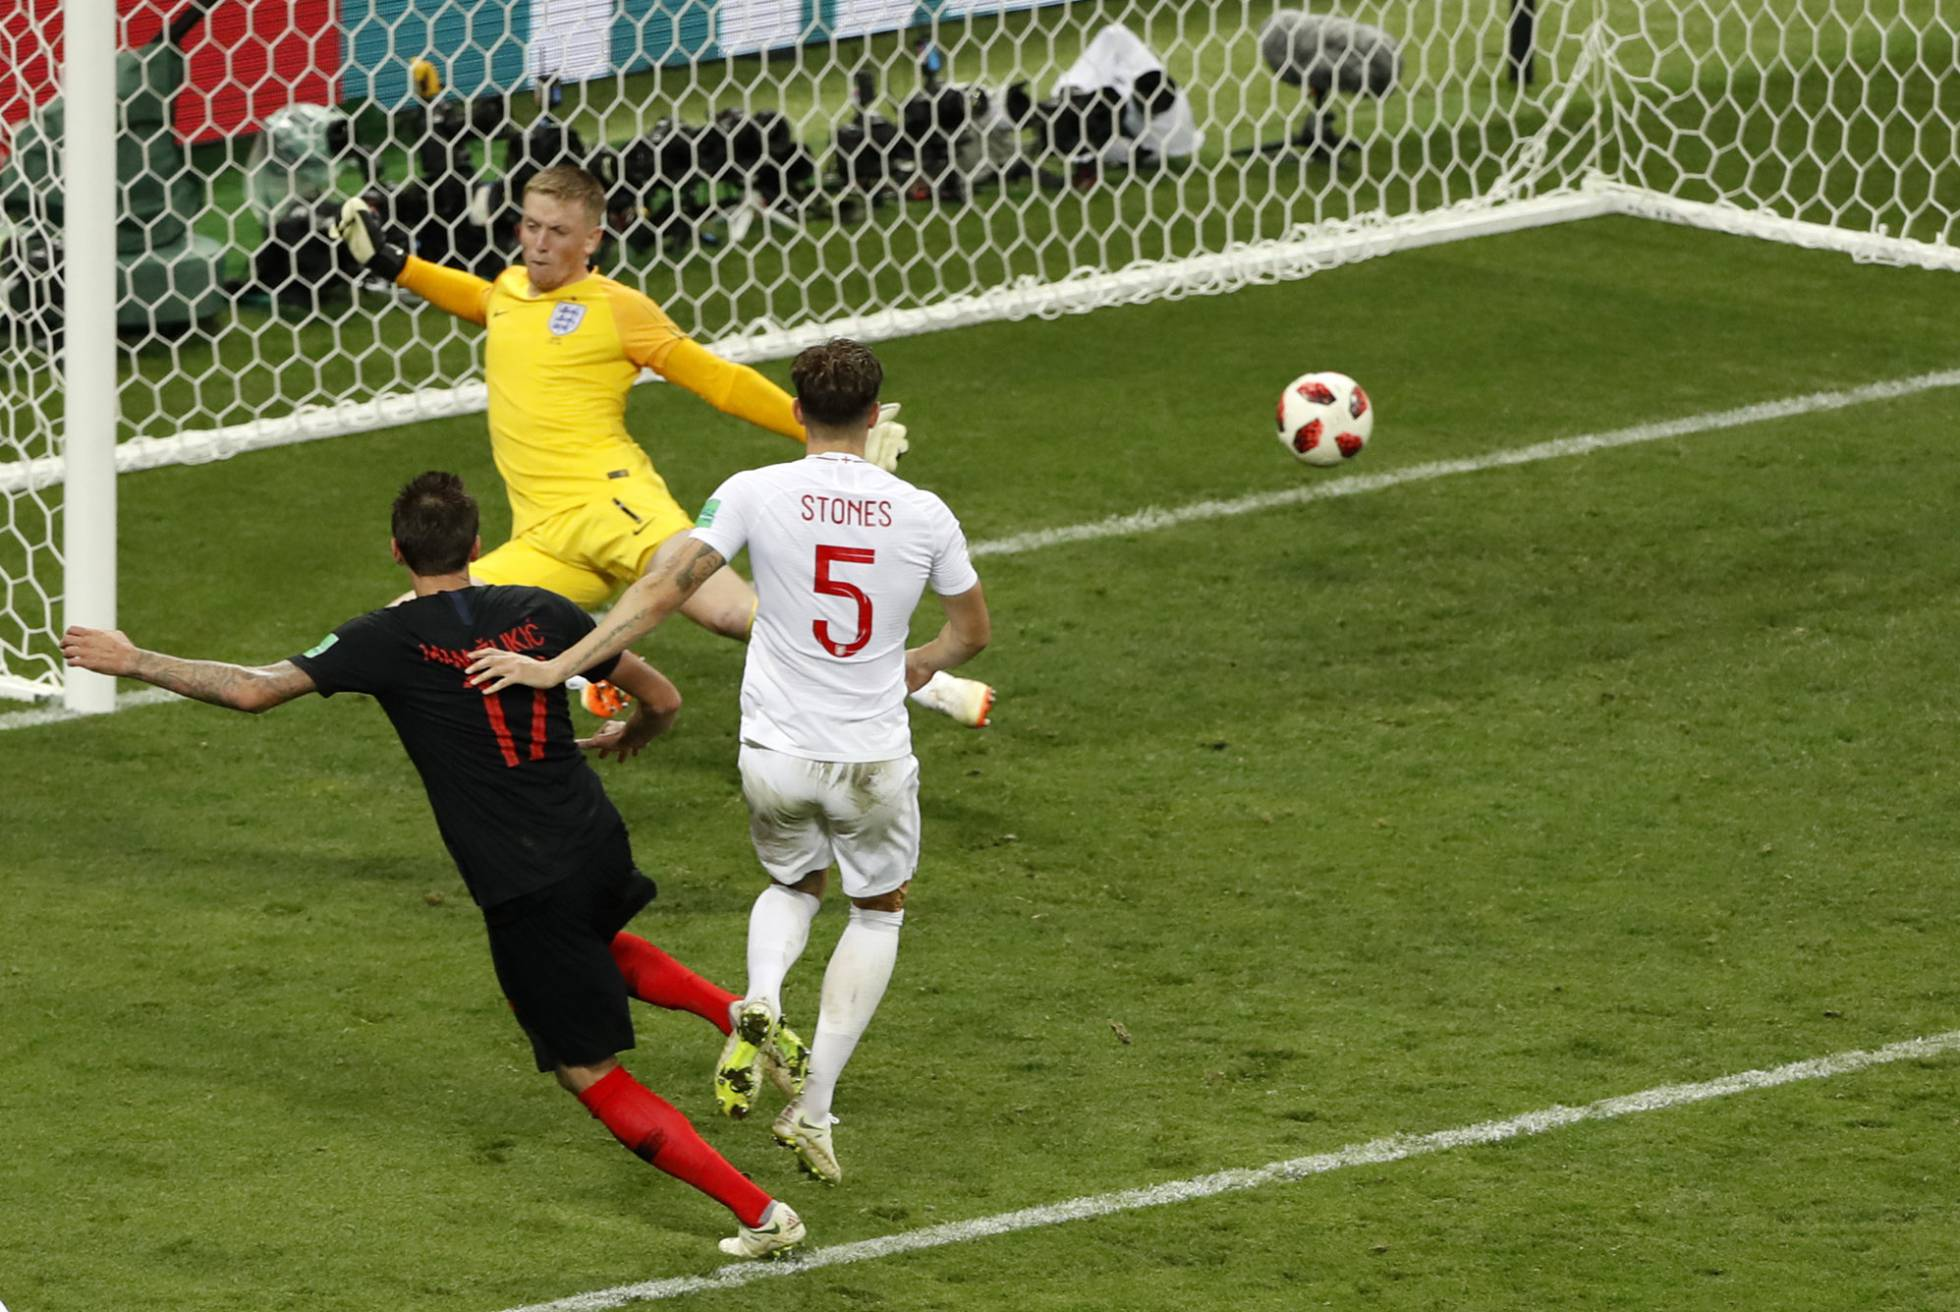 Croacia jugará su primera final de un Mundial tras imponerse a Inglaterra en la prórroga (2-1)